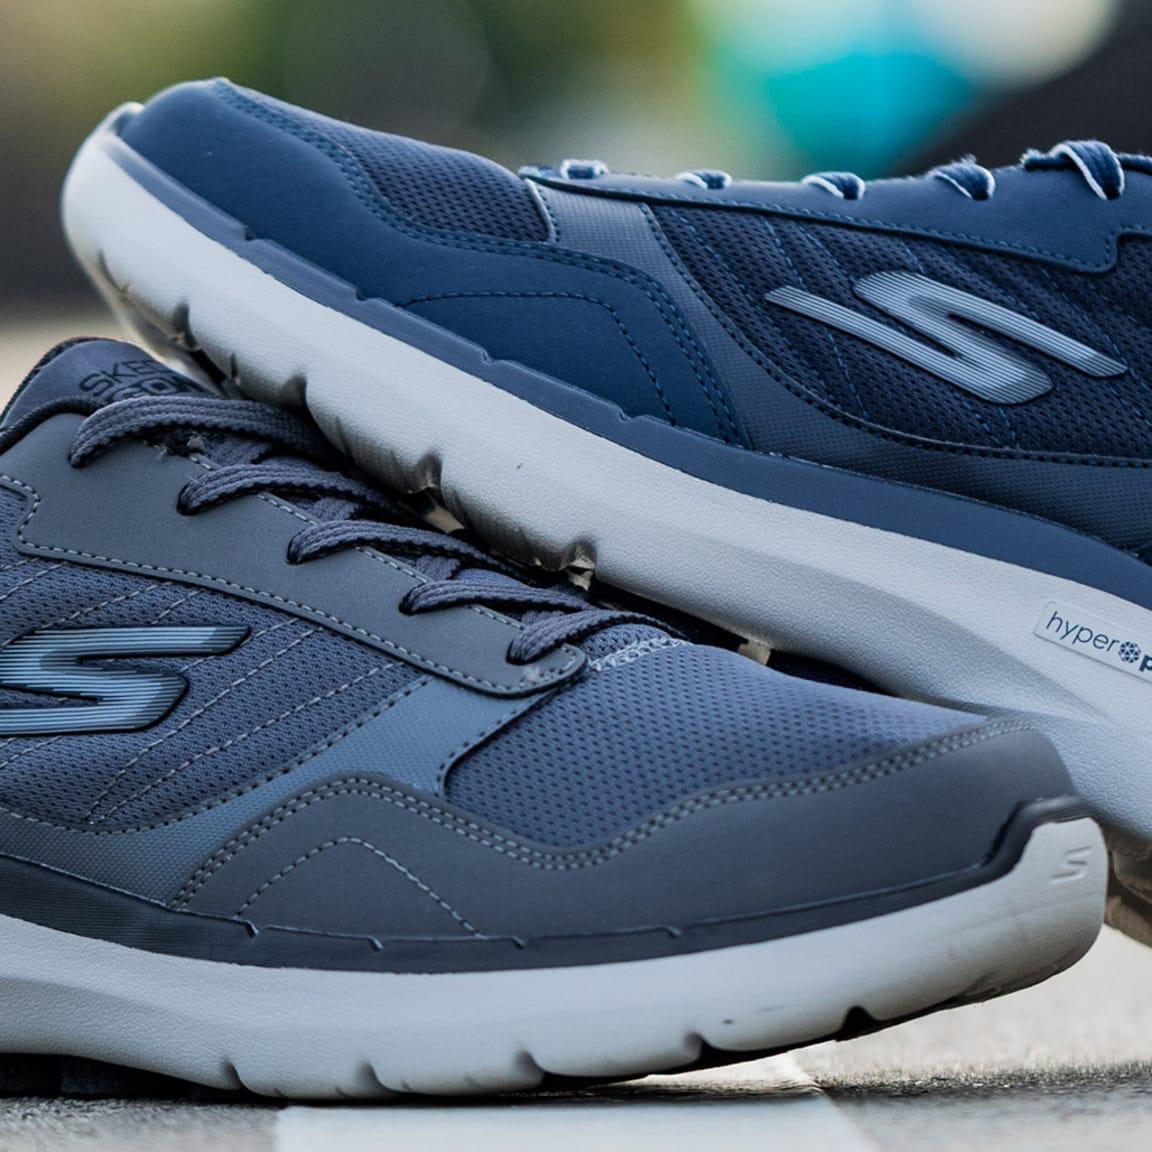 Skechers: Introducing GOwalk 6